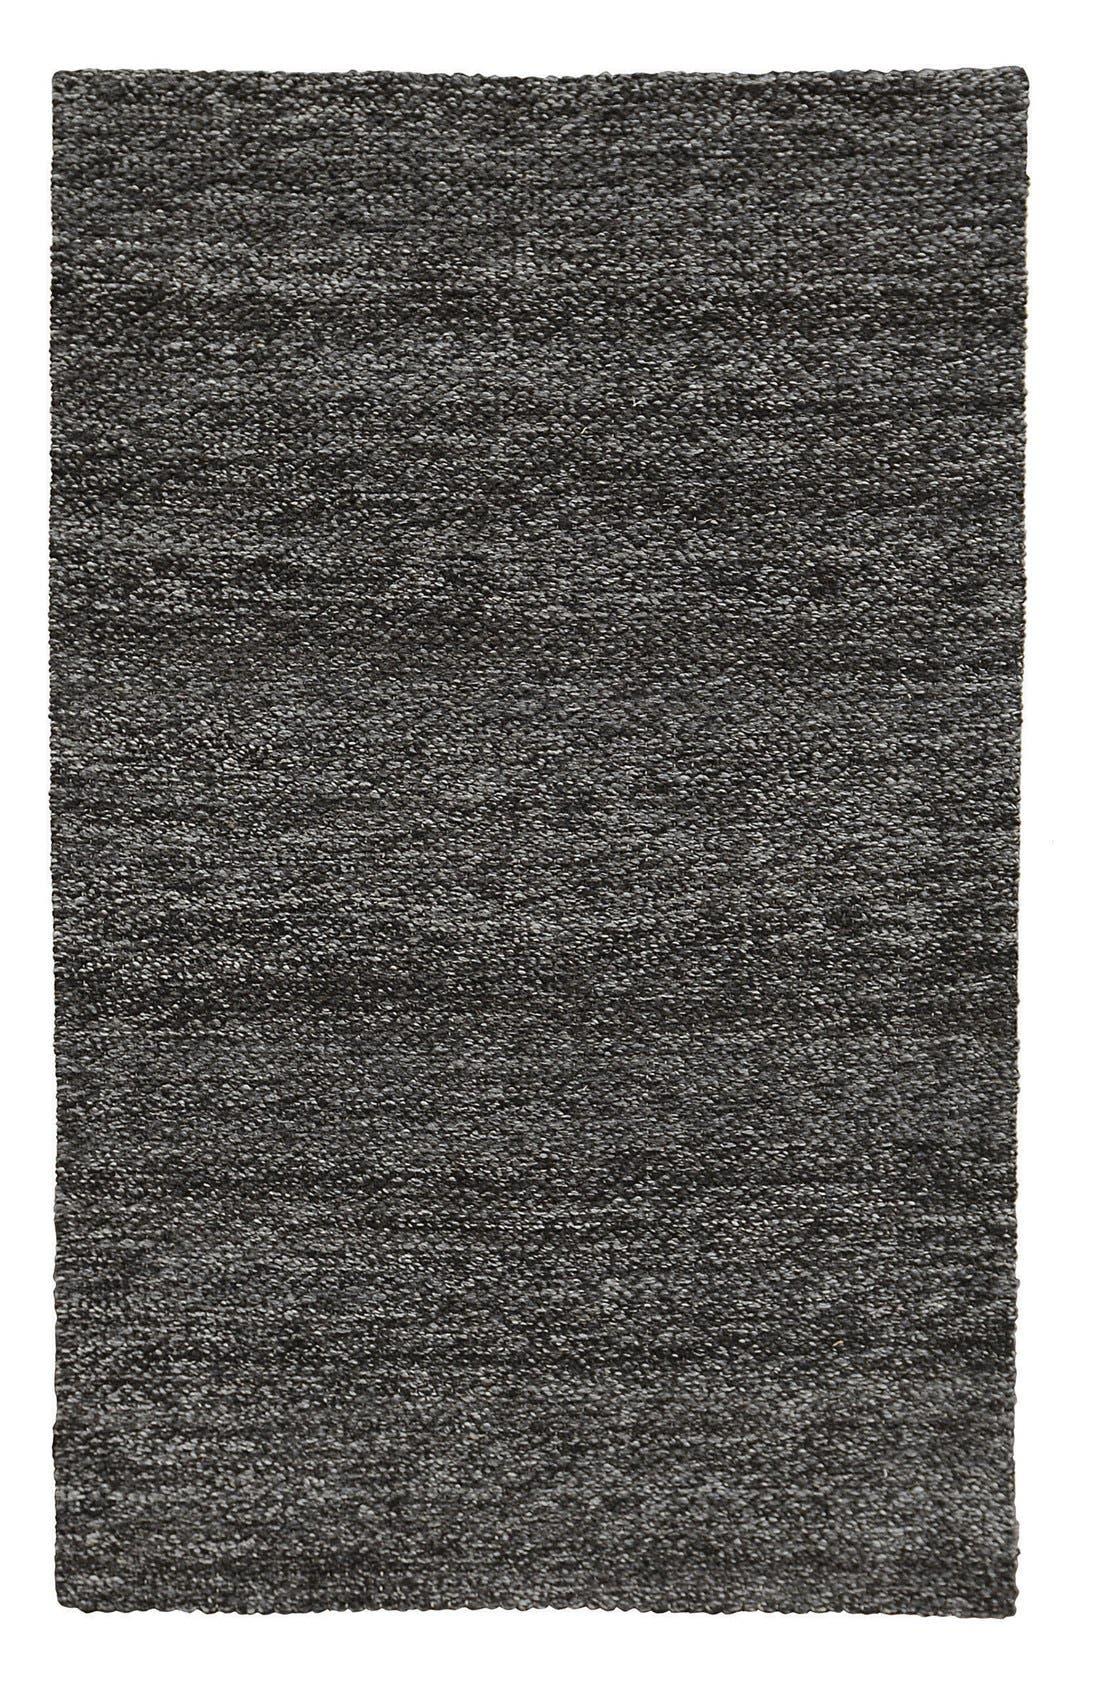 Heathered Wool Rug,                             Main thumbnail 1, color,                             001